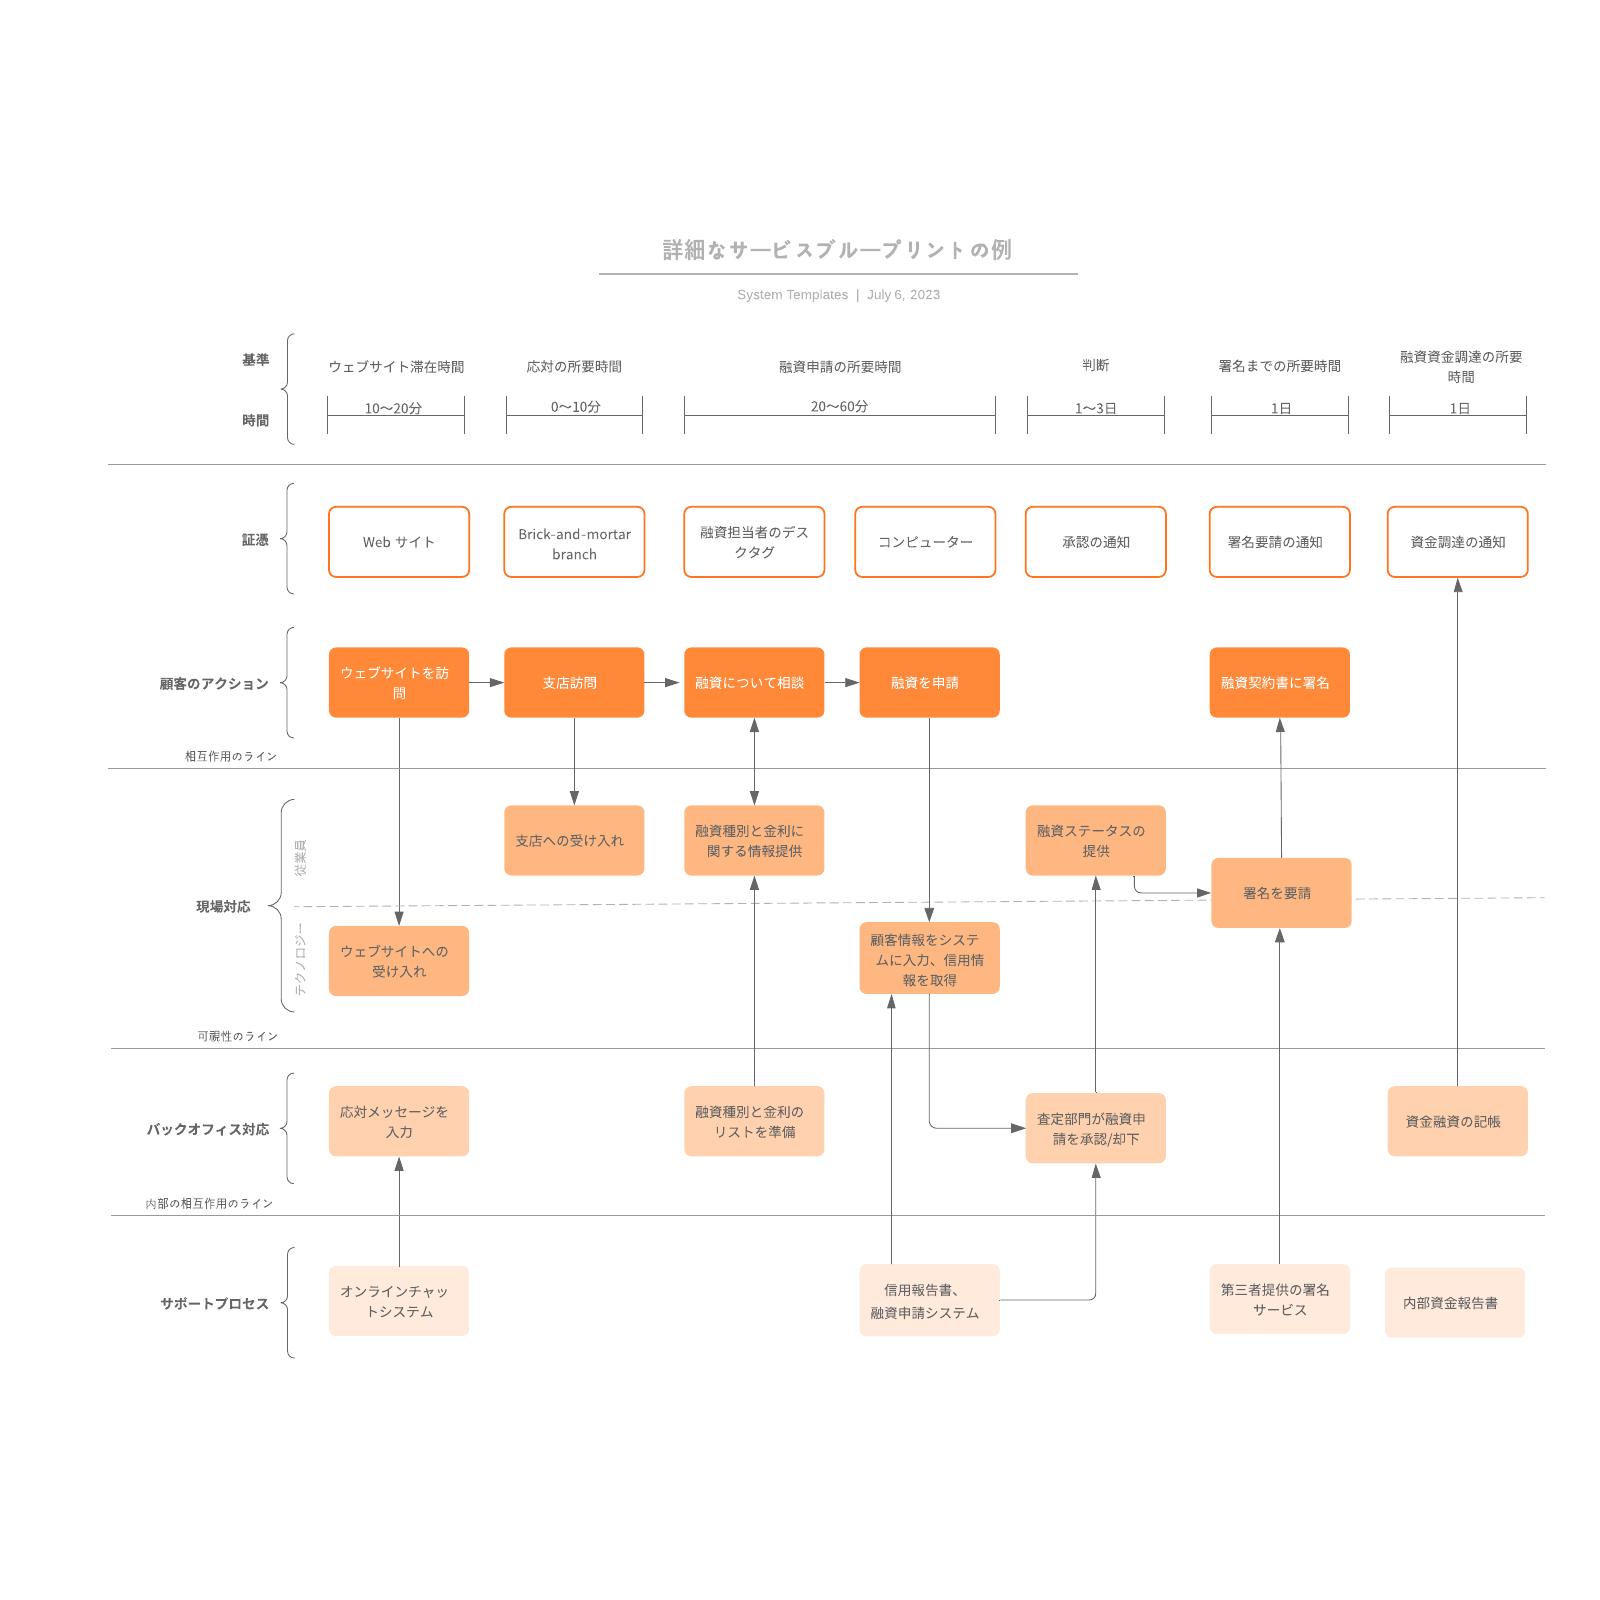 フローチャートサービスブループリントの例